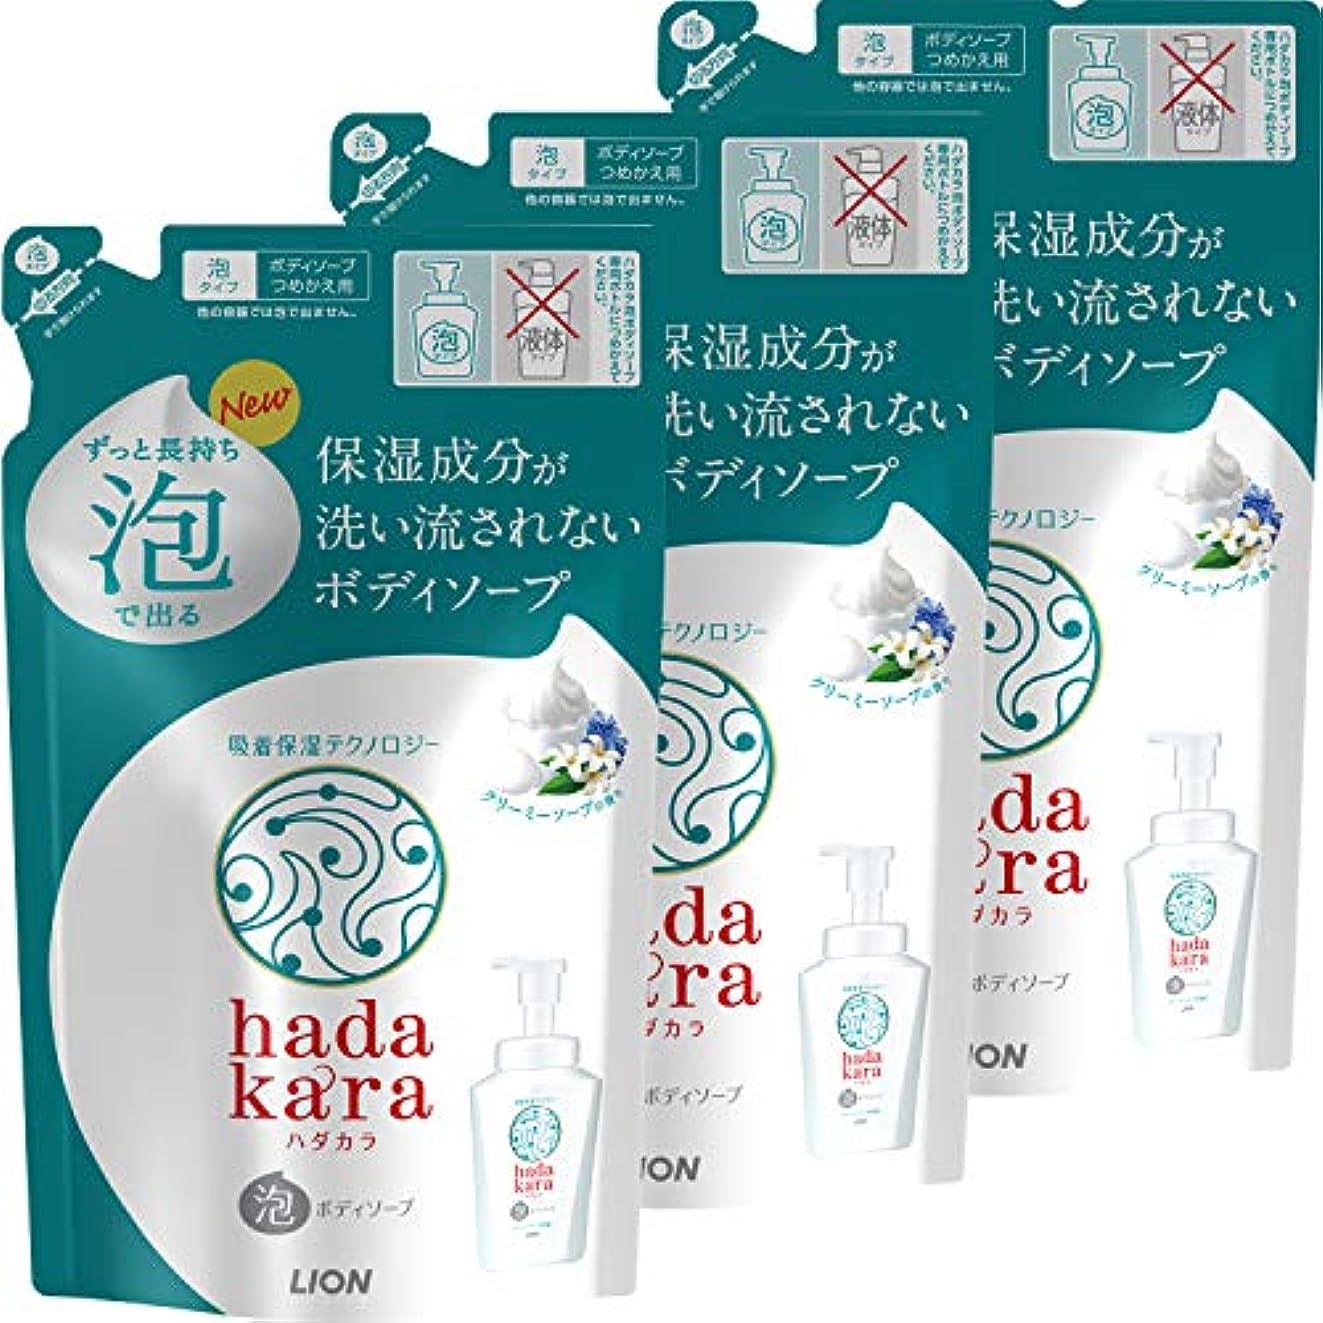 九加速する発動機hadakara(ハダカラ) ボディソープ 泡タイプ クリーミーソープの香り 詰替440ml×3個